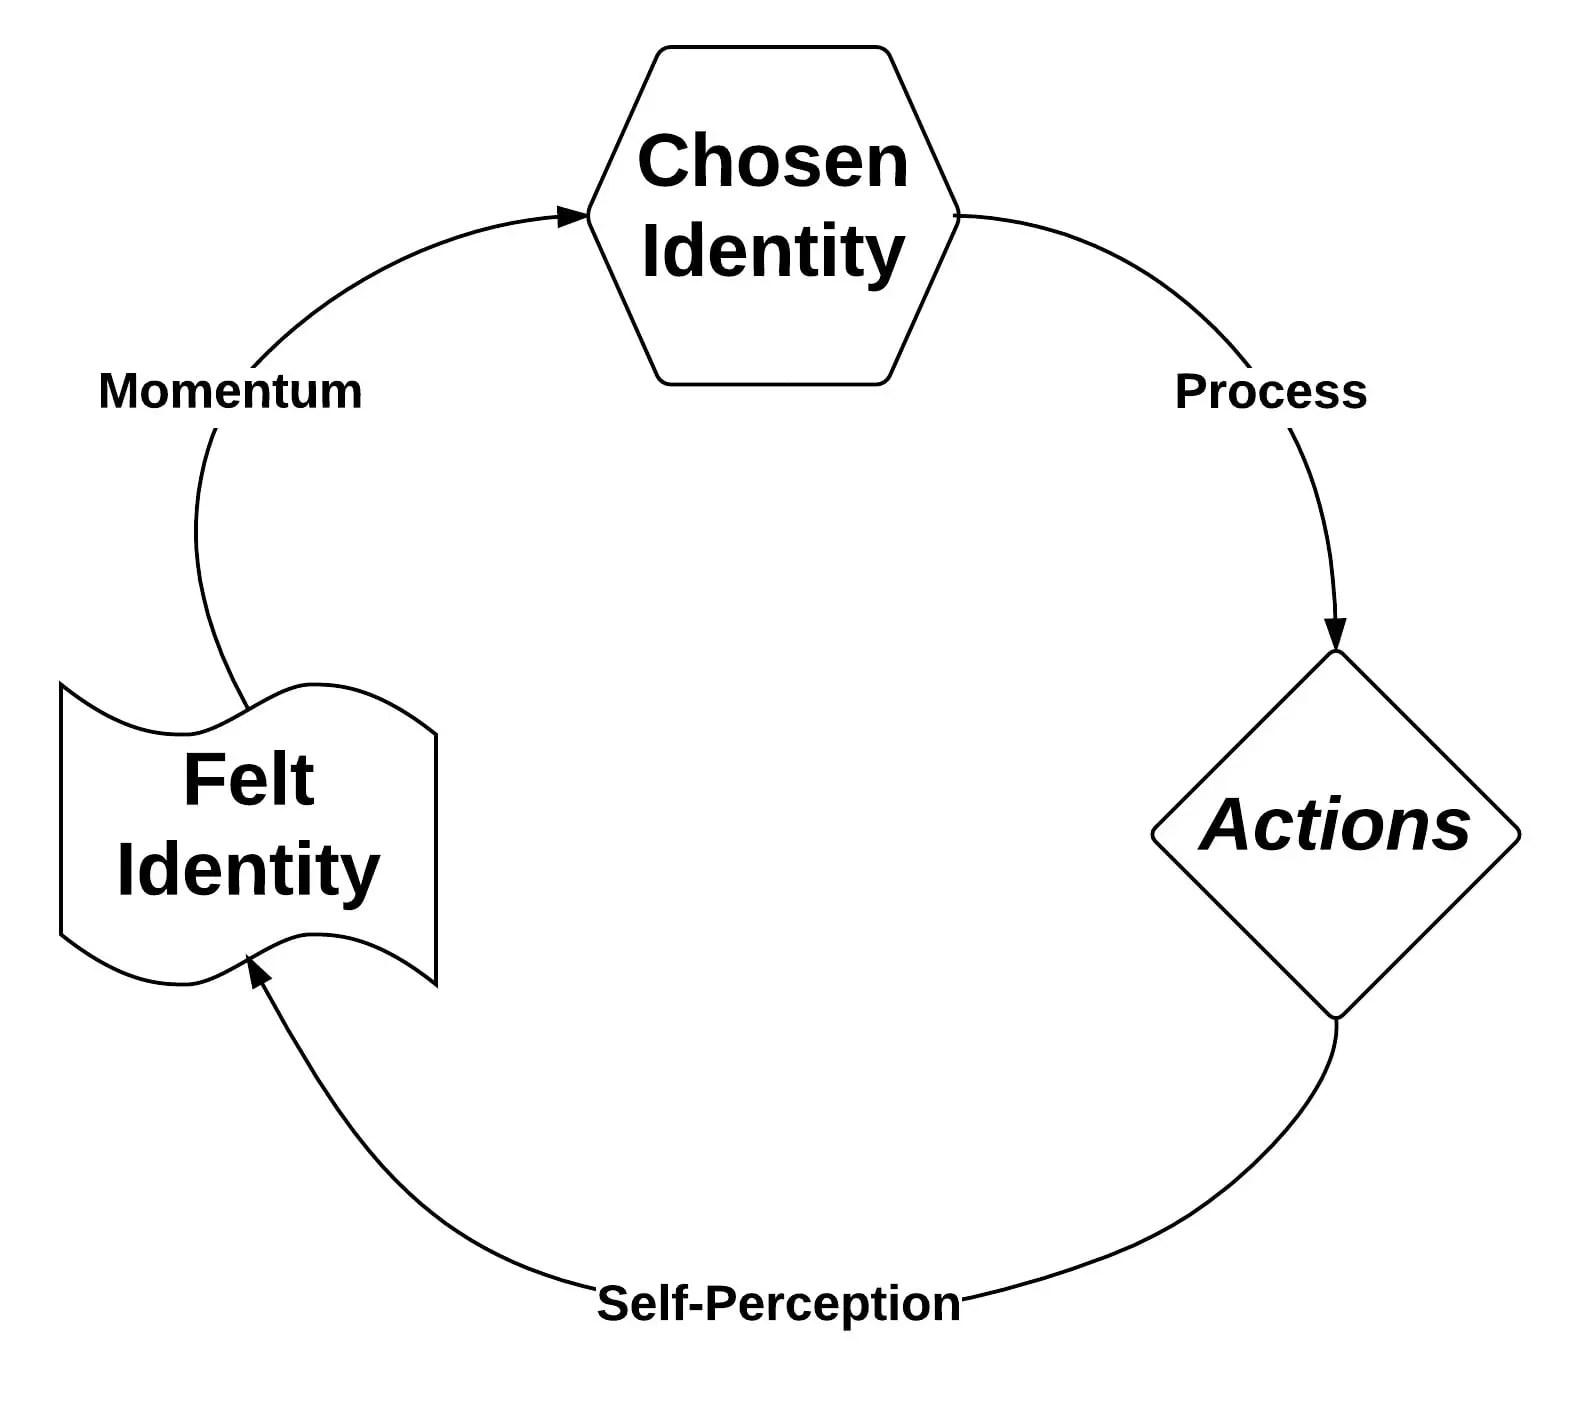 Chosen identity feedback loop northwest educational services chosen identity feedback loop pooptronica